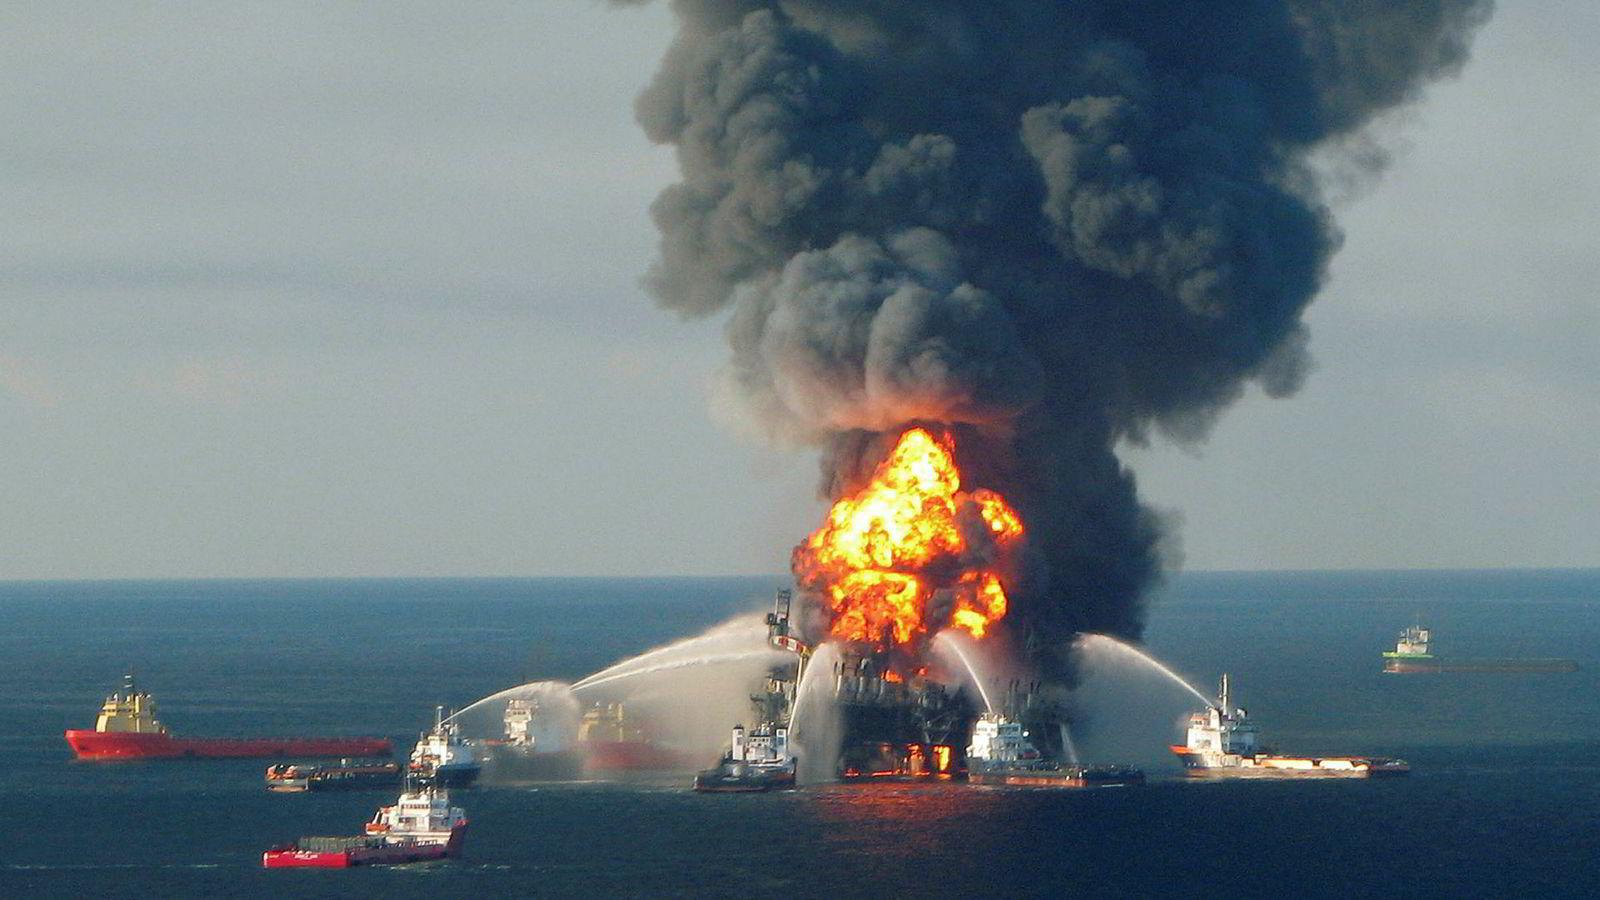 Det er ingen garanti for at ikke en storulykke kan skje. Sannsynligheten øker når man opererer i et område med en industri som motsetter seg læring av en så alvorlig ulykke som Deepwater Horizon, og med et myndighetsorgan som fortsatt er svakt. Her brannbåter som kjemper mot flammene på riggen Deepwater Horizon i Mexicogulfen 2010.